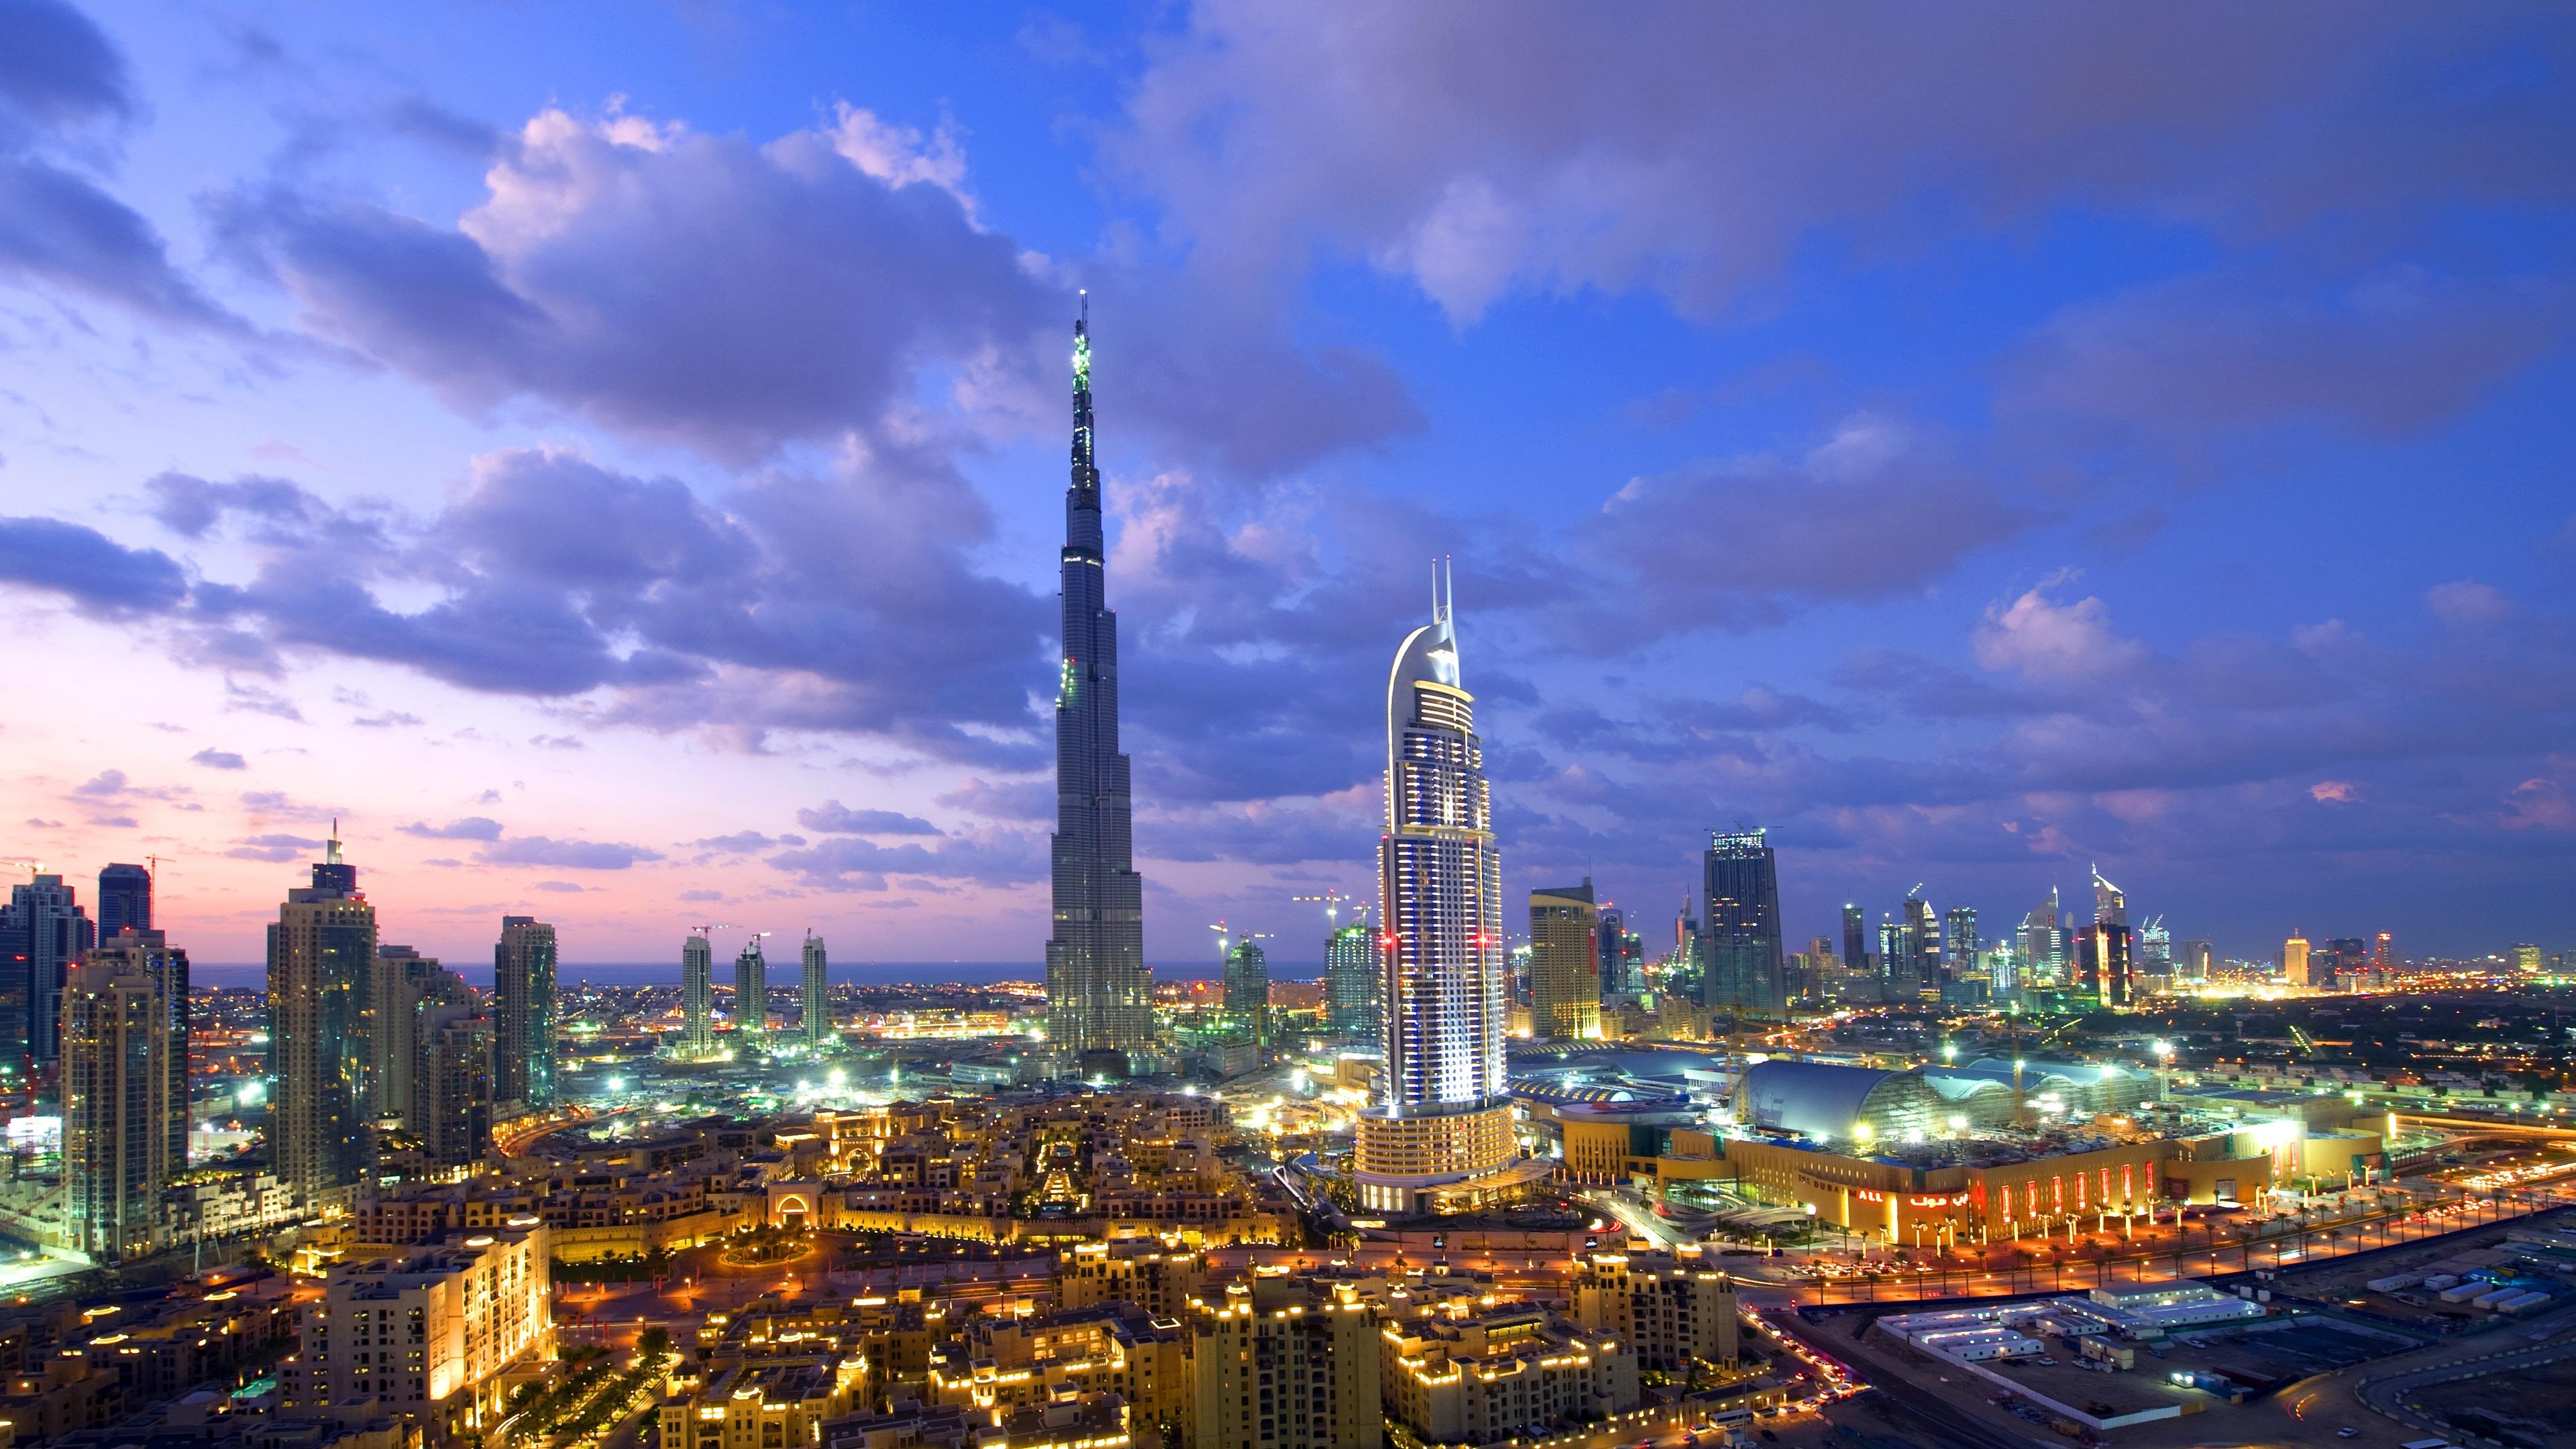 Fondos De Pantalla Dubai Rascacielos Edificios Noche